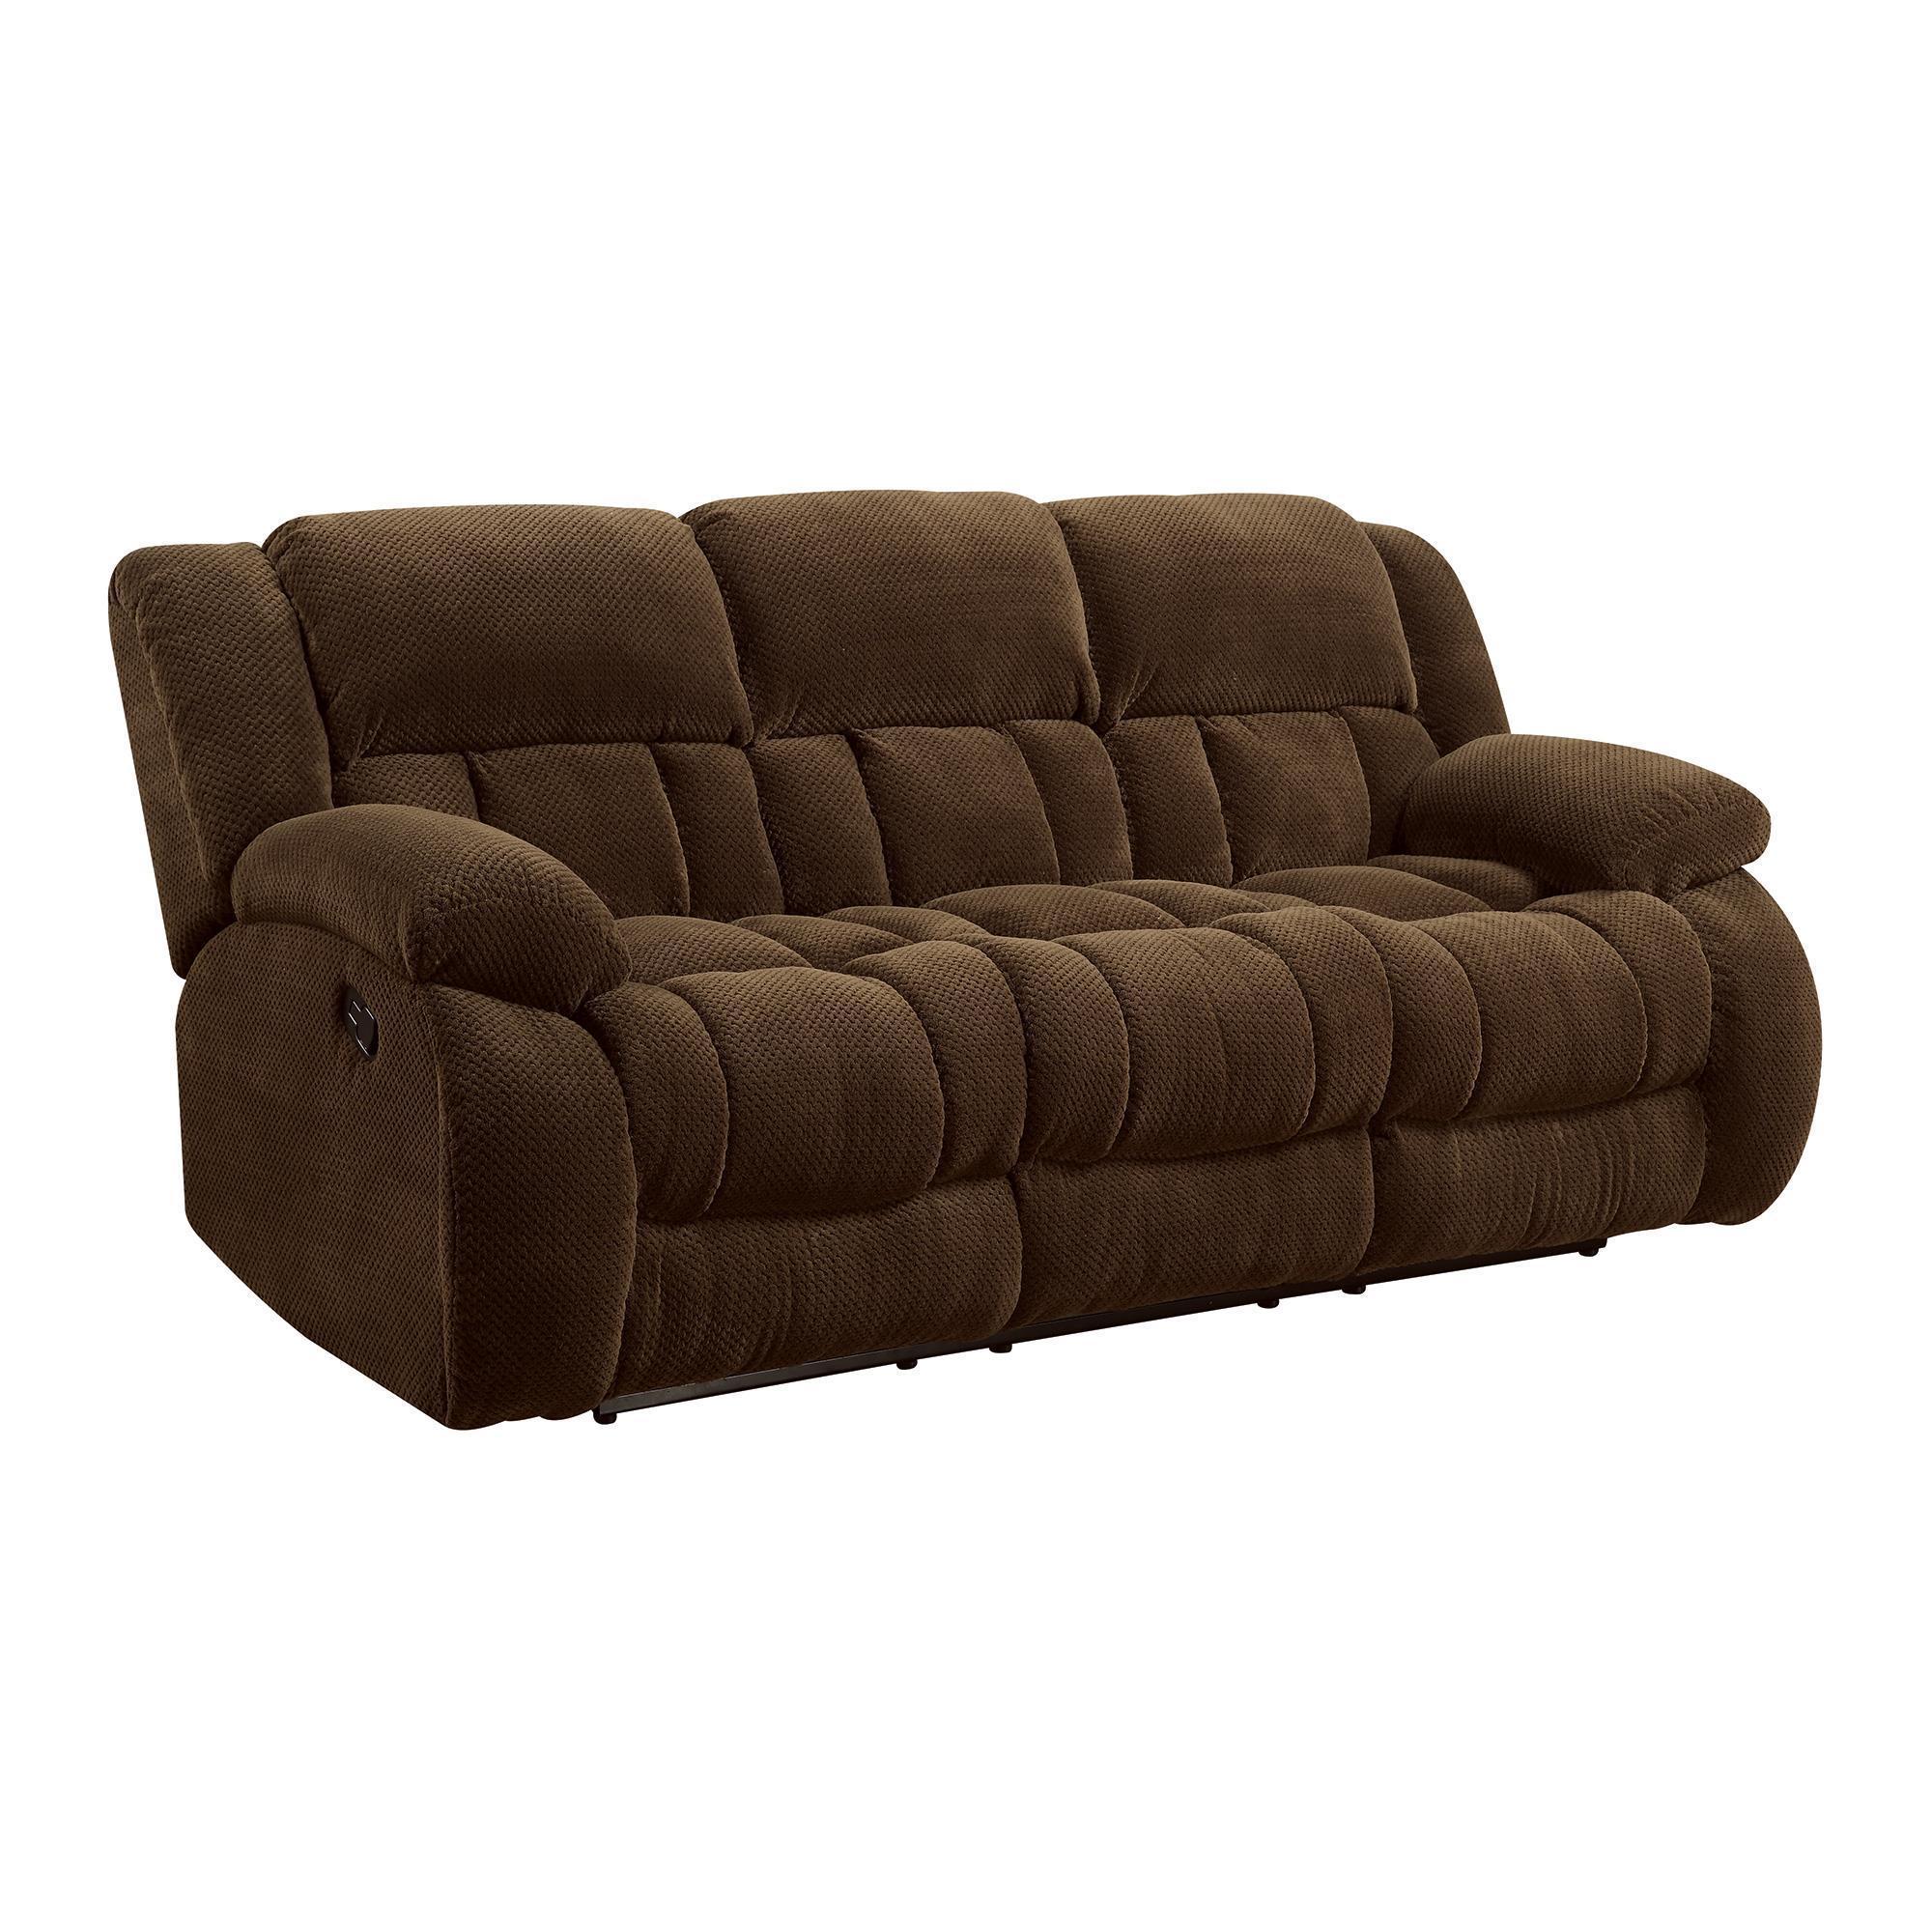 Coaster Company Chenille Motion Sofa Free Shipping Today 12529410